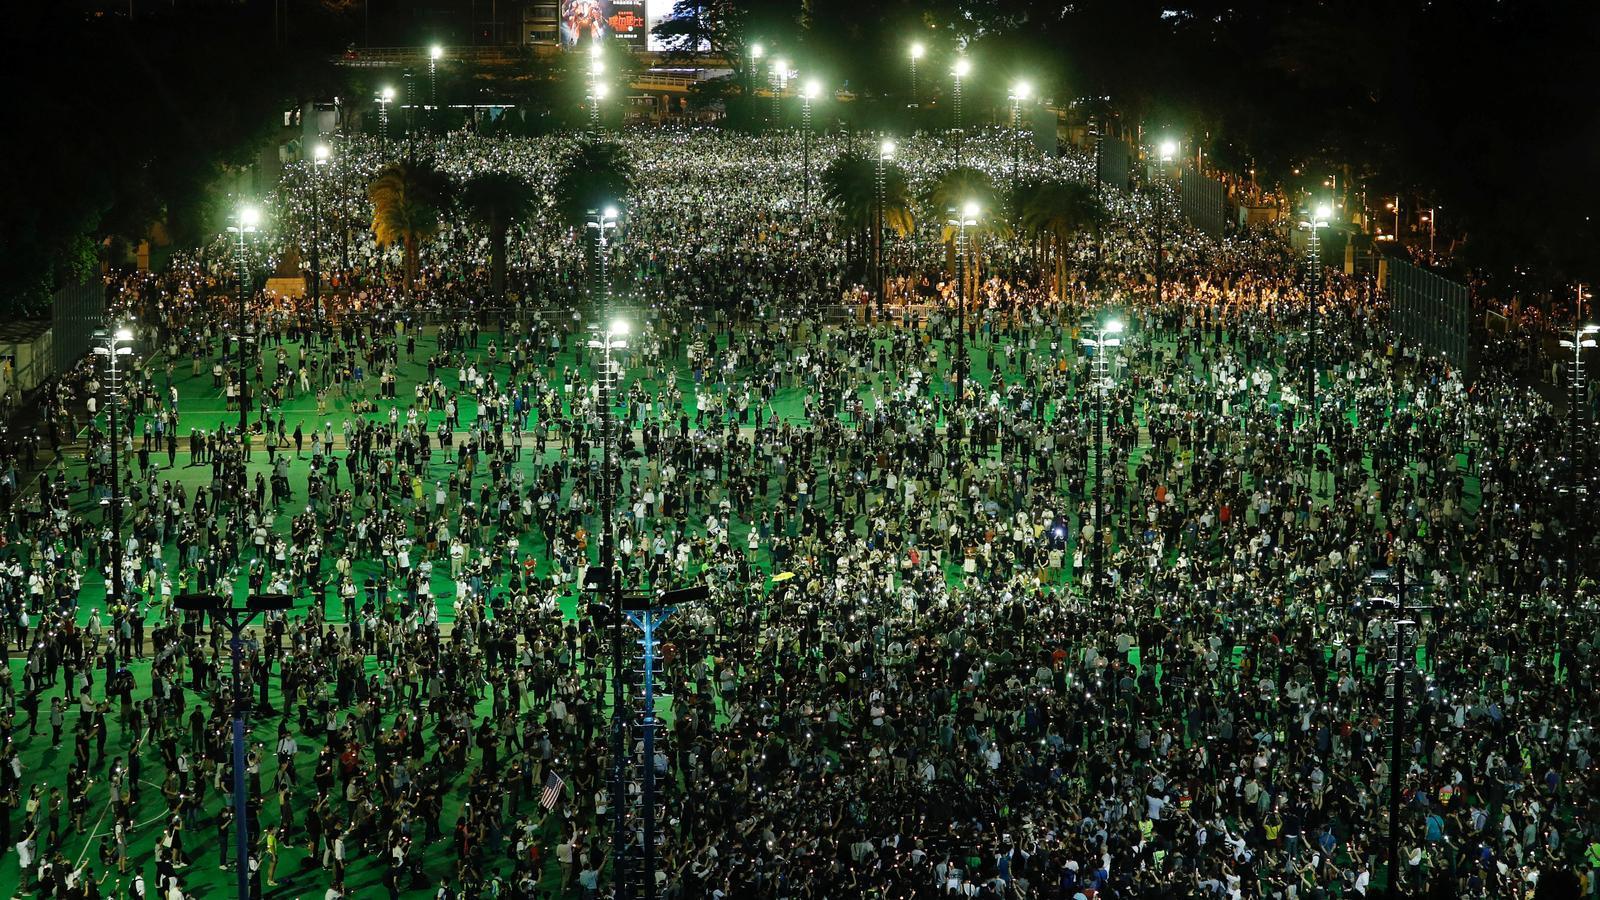 Desafiant Pequín, milers de persones commemoren Tiananmen a Hong Kong